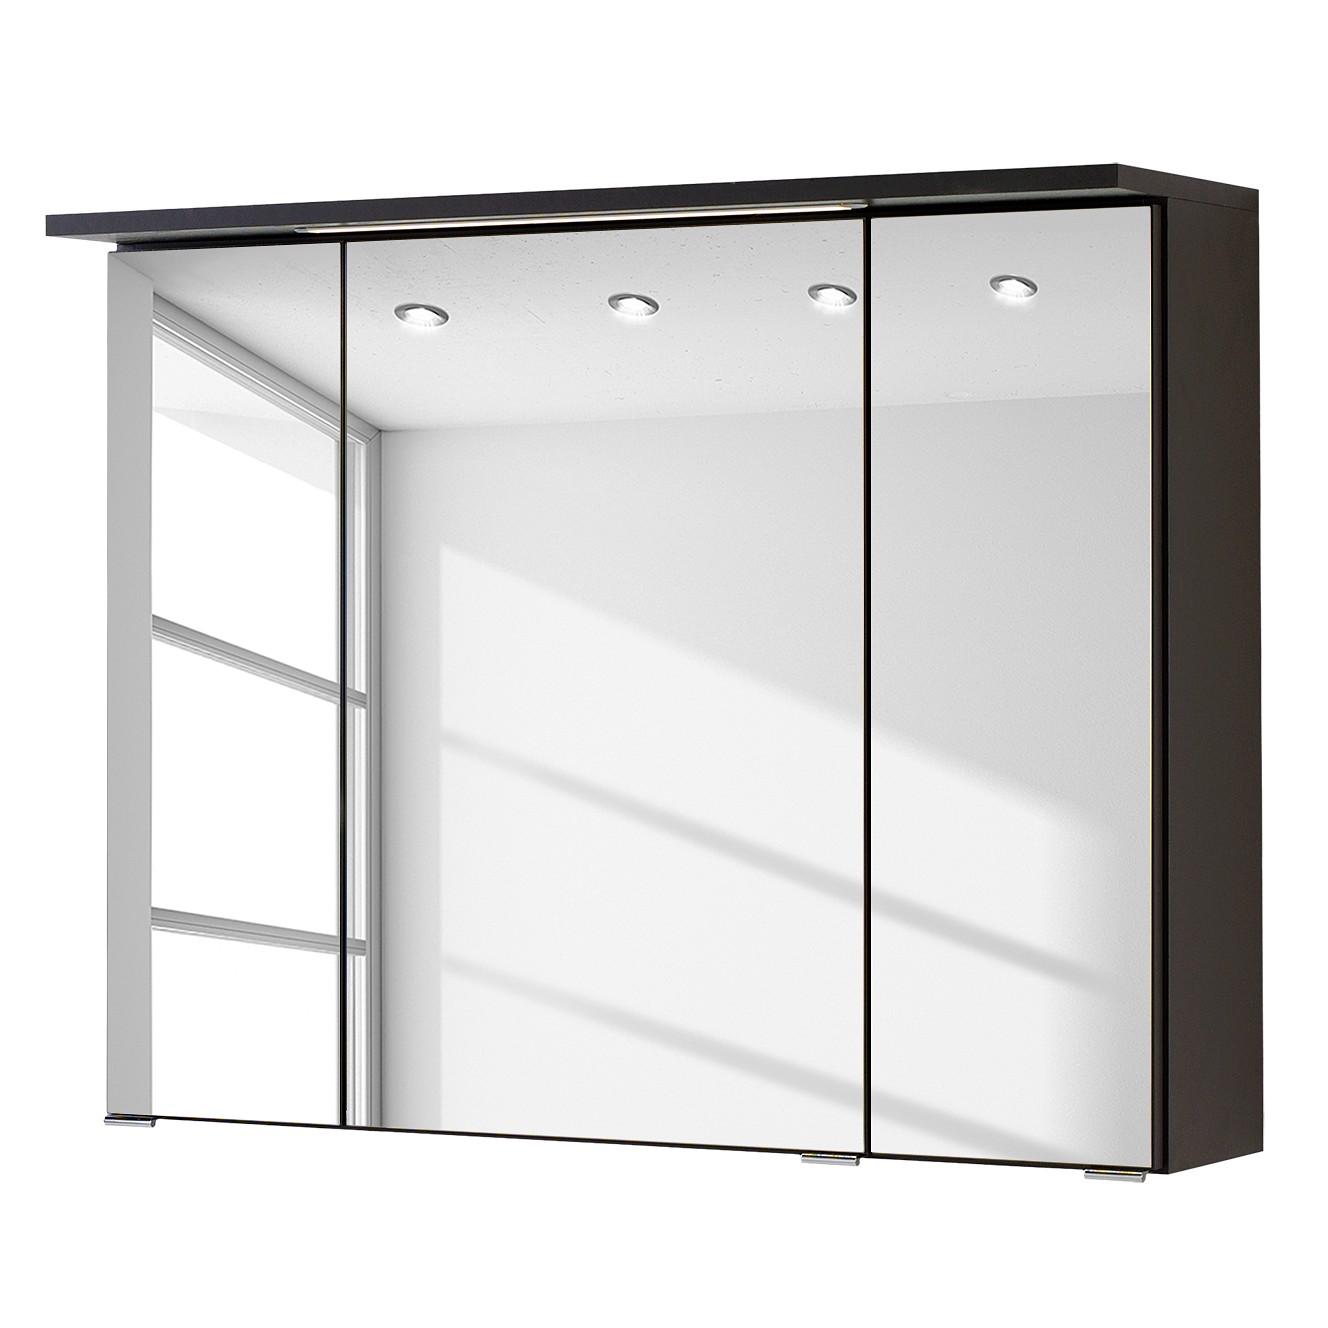 Armadietto a specchio Zeehan - Grigio - 80 cm, Fredriks